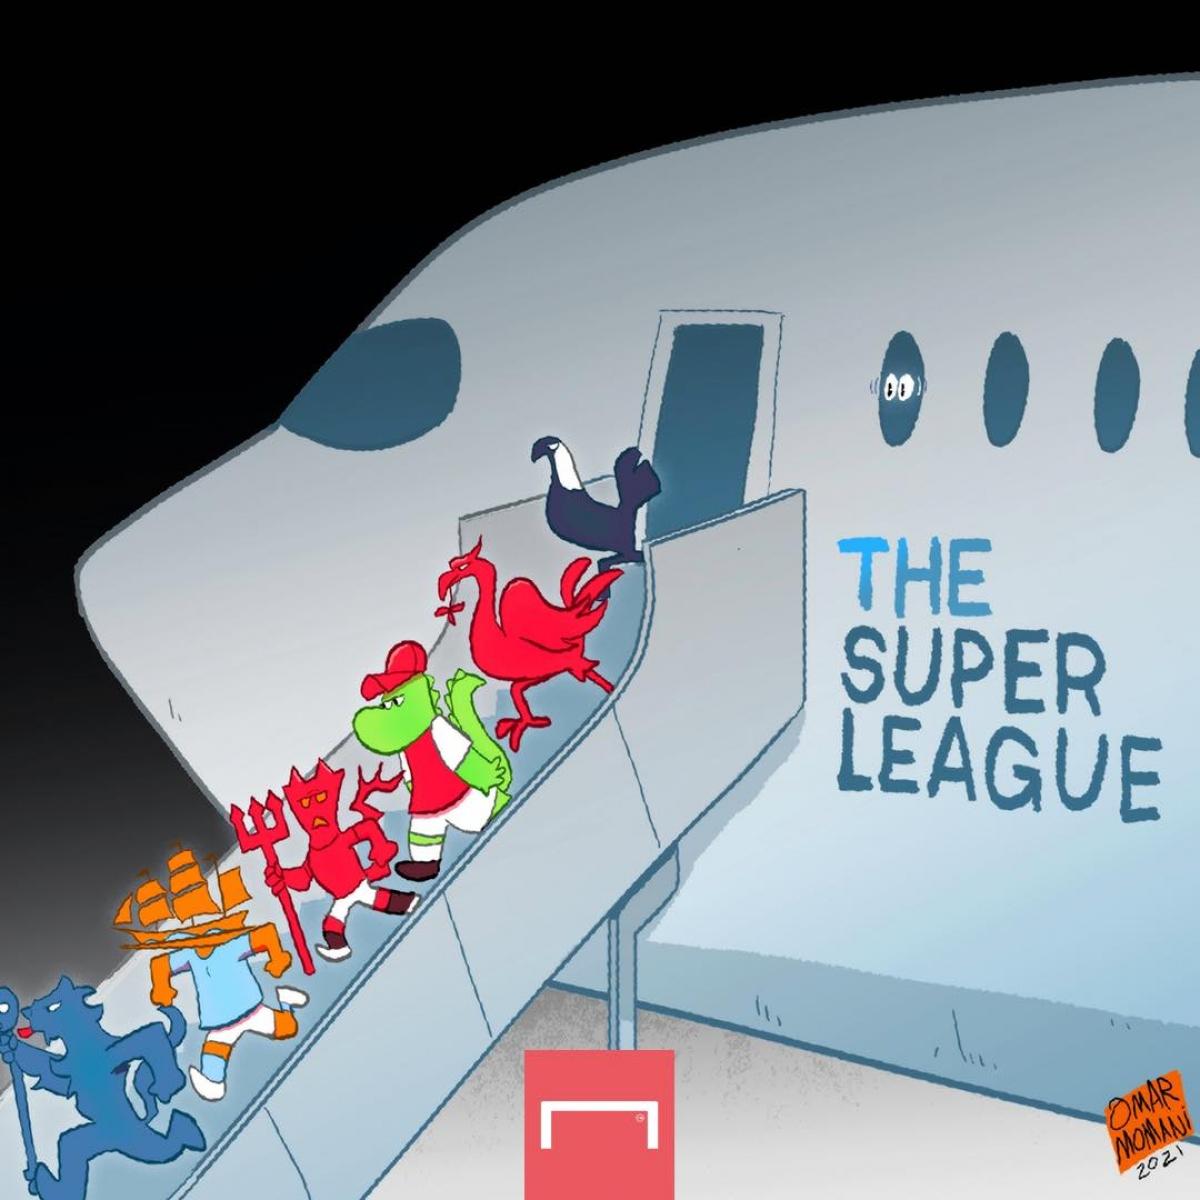 6 ông lớn của bóng đá Anh cùng Atletico Madrid, Inter Milan, AC Milan rút lui khỏi giải đấu này.